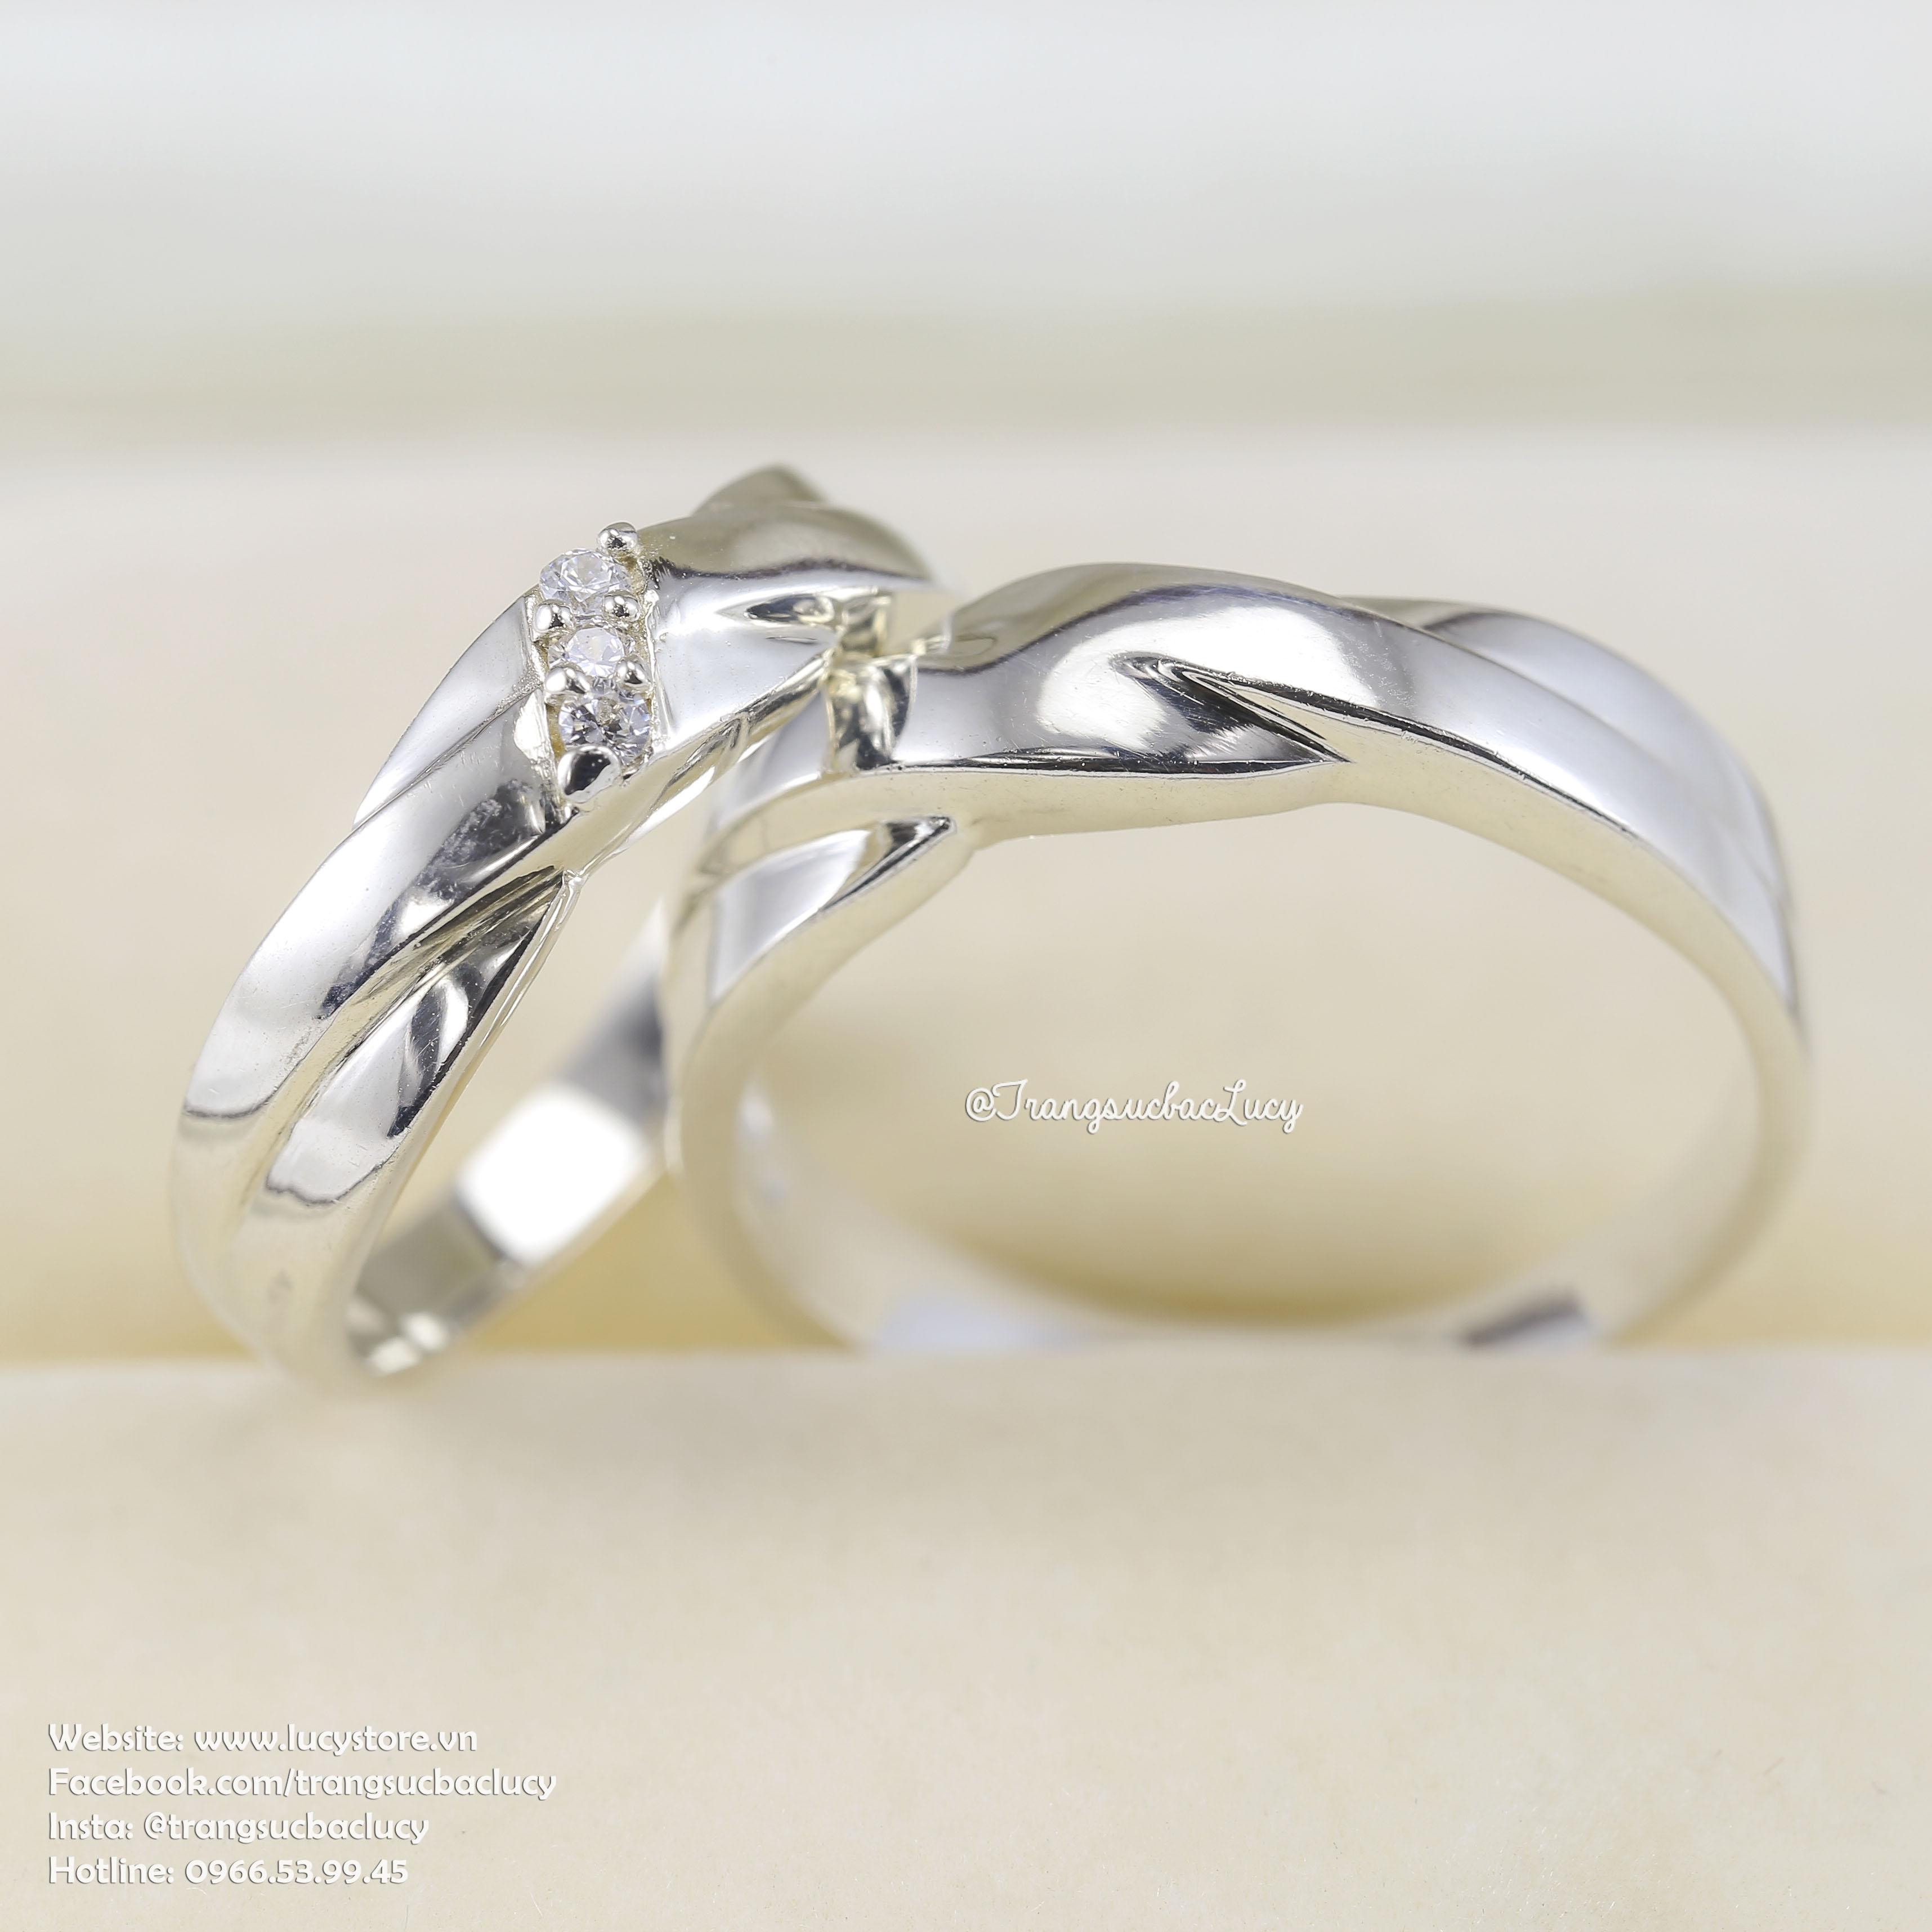 Nhẫn đôi nhẫn cặp bạc Lucy - ND006